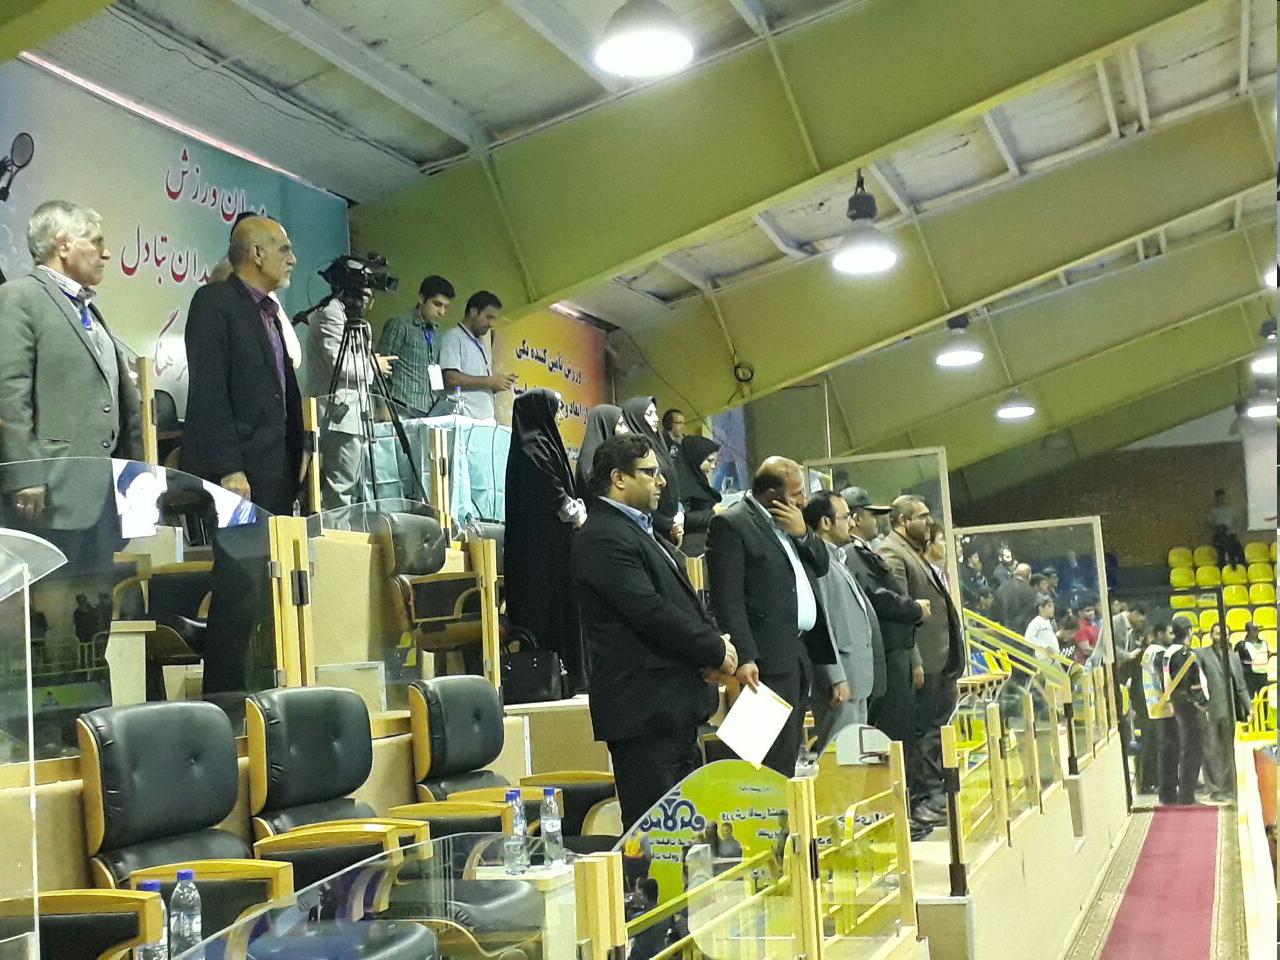 حضور بانوان شورای شهر ماهشهر در سالن مسابقات کشتی جام تختی+ عکس